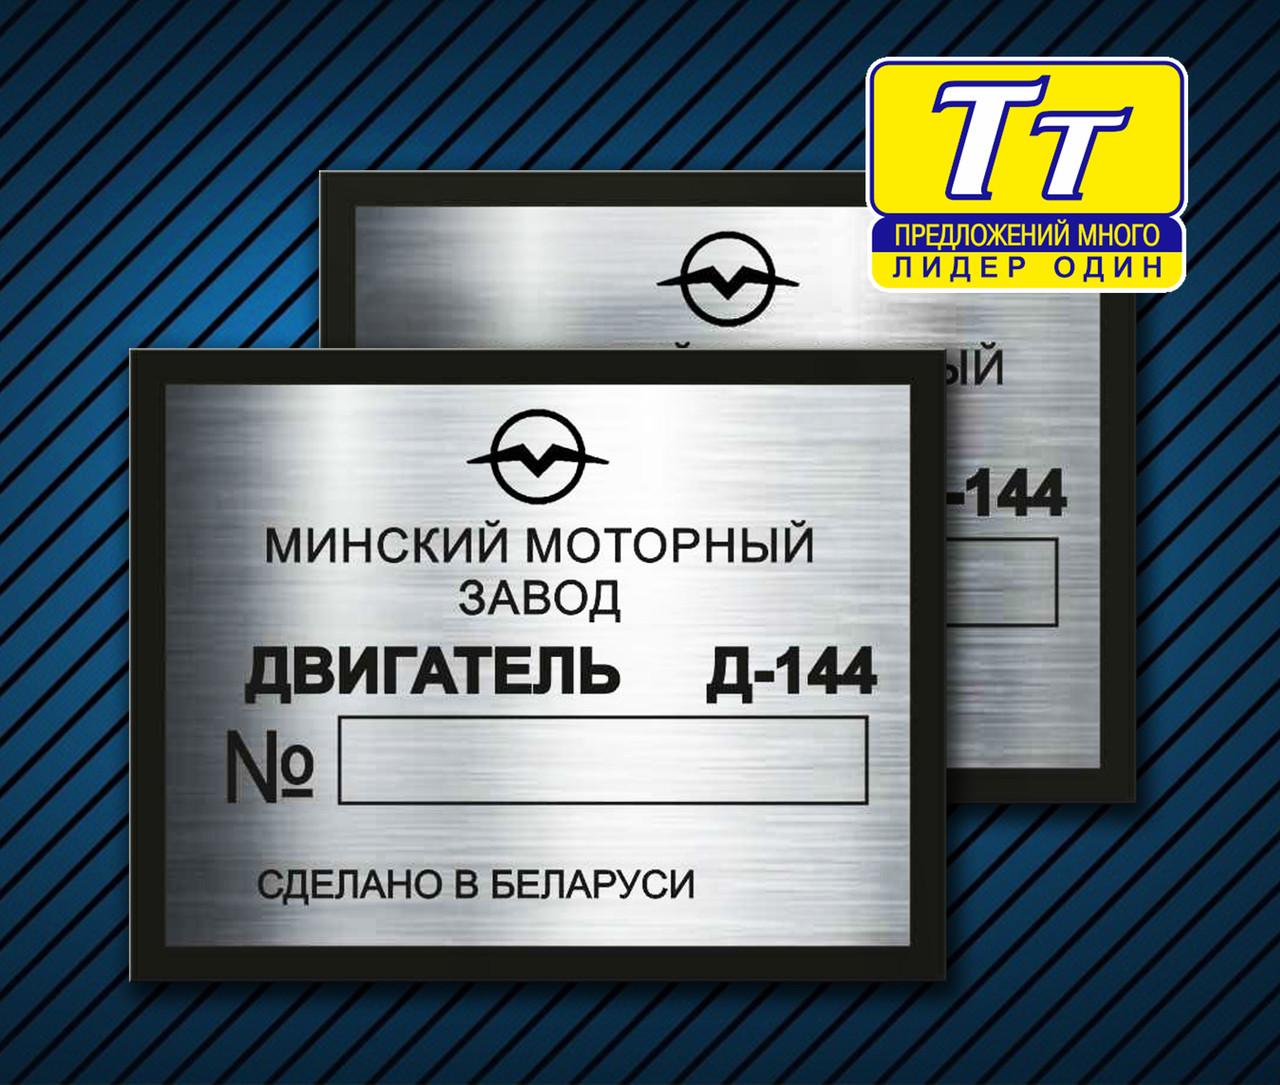 ИЗГОТОВЛЕНИЕ БИРОК МЕТАЛЛИЧЕСКИХ - ООО «Турфан-Трейд» в Киеве